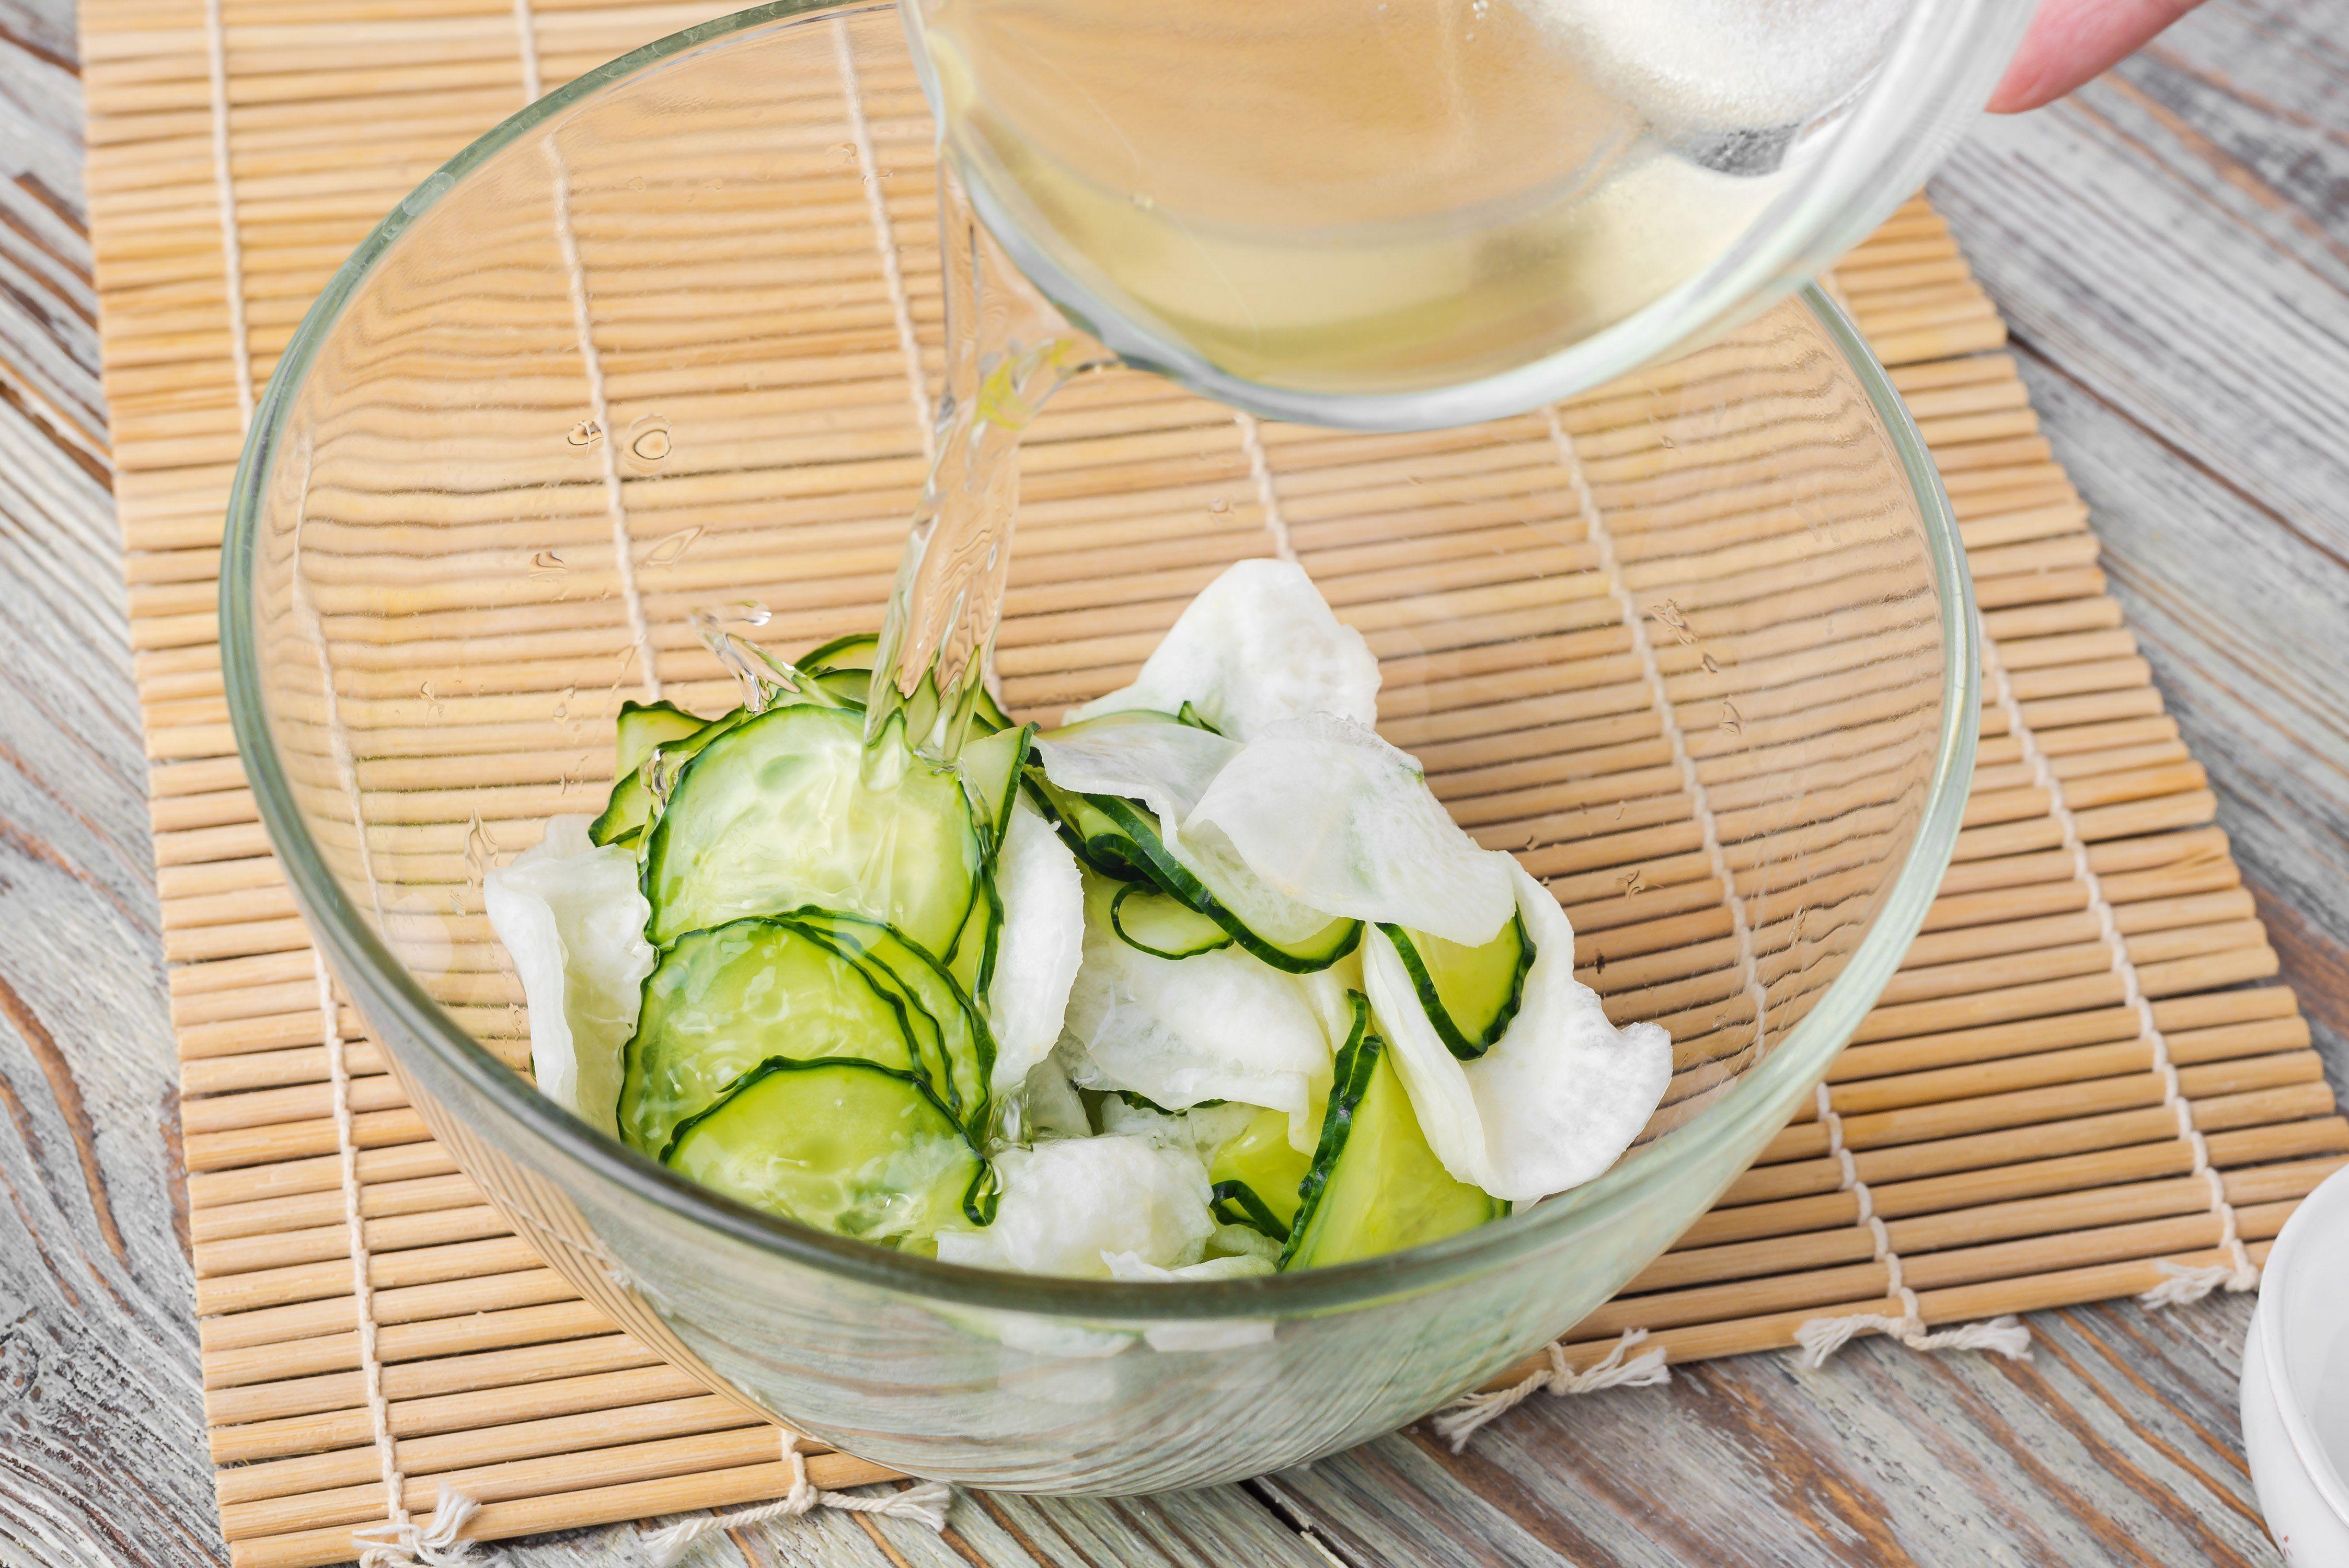 Pour vinegar over cucumber